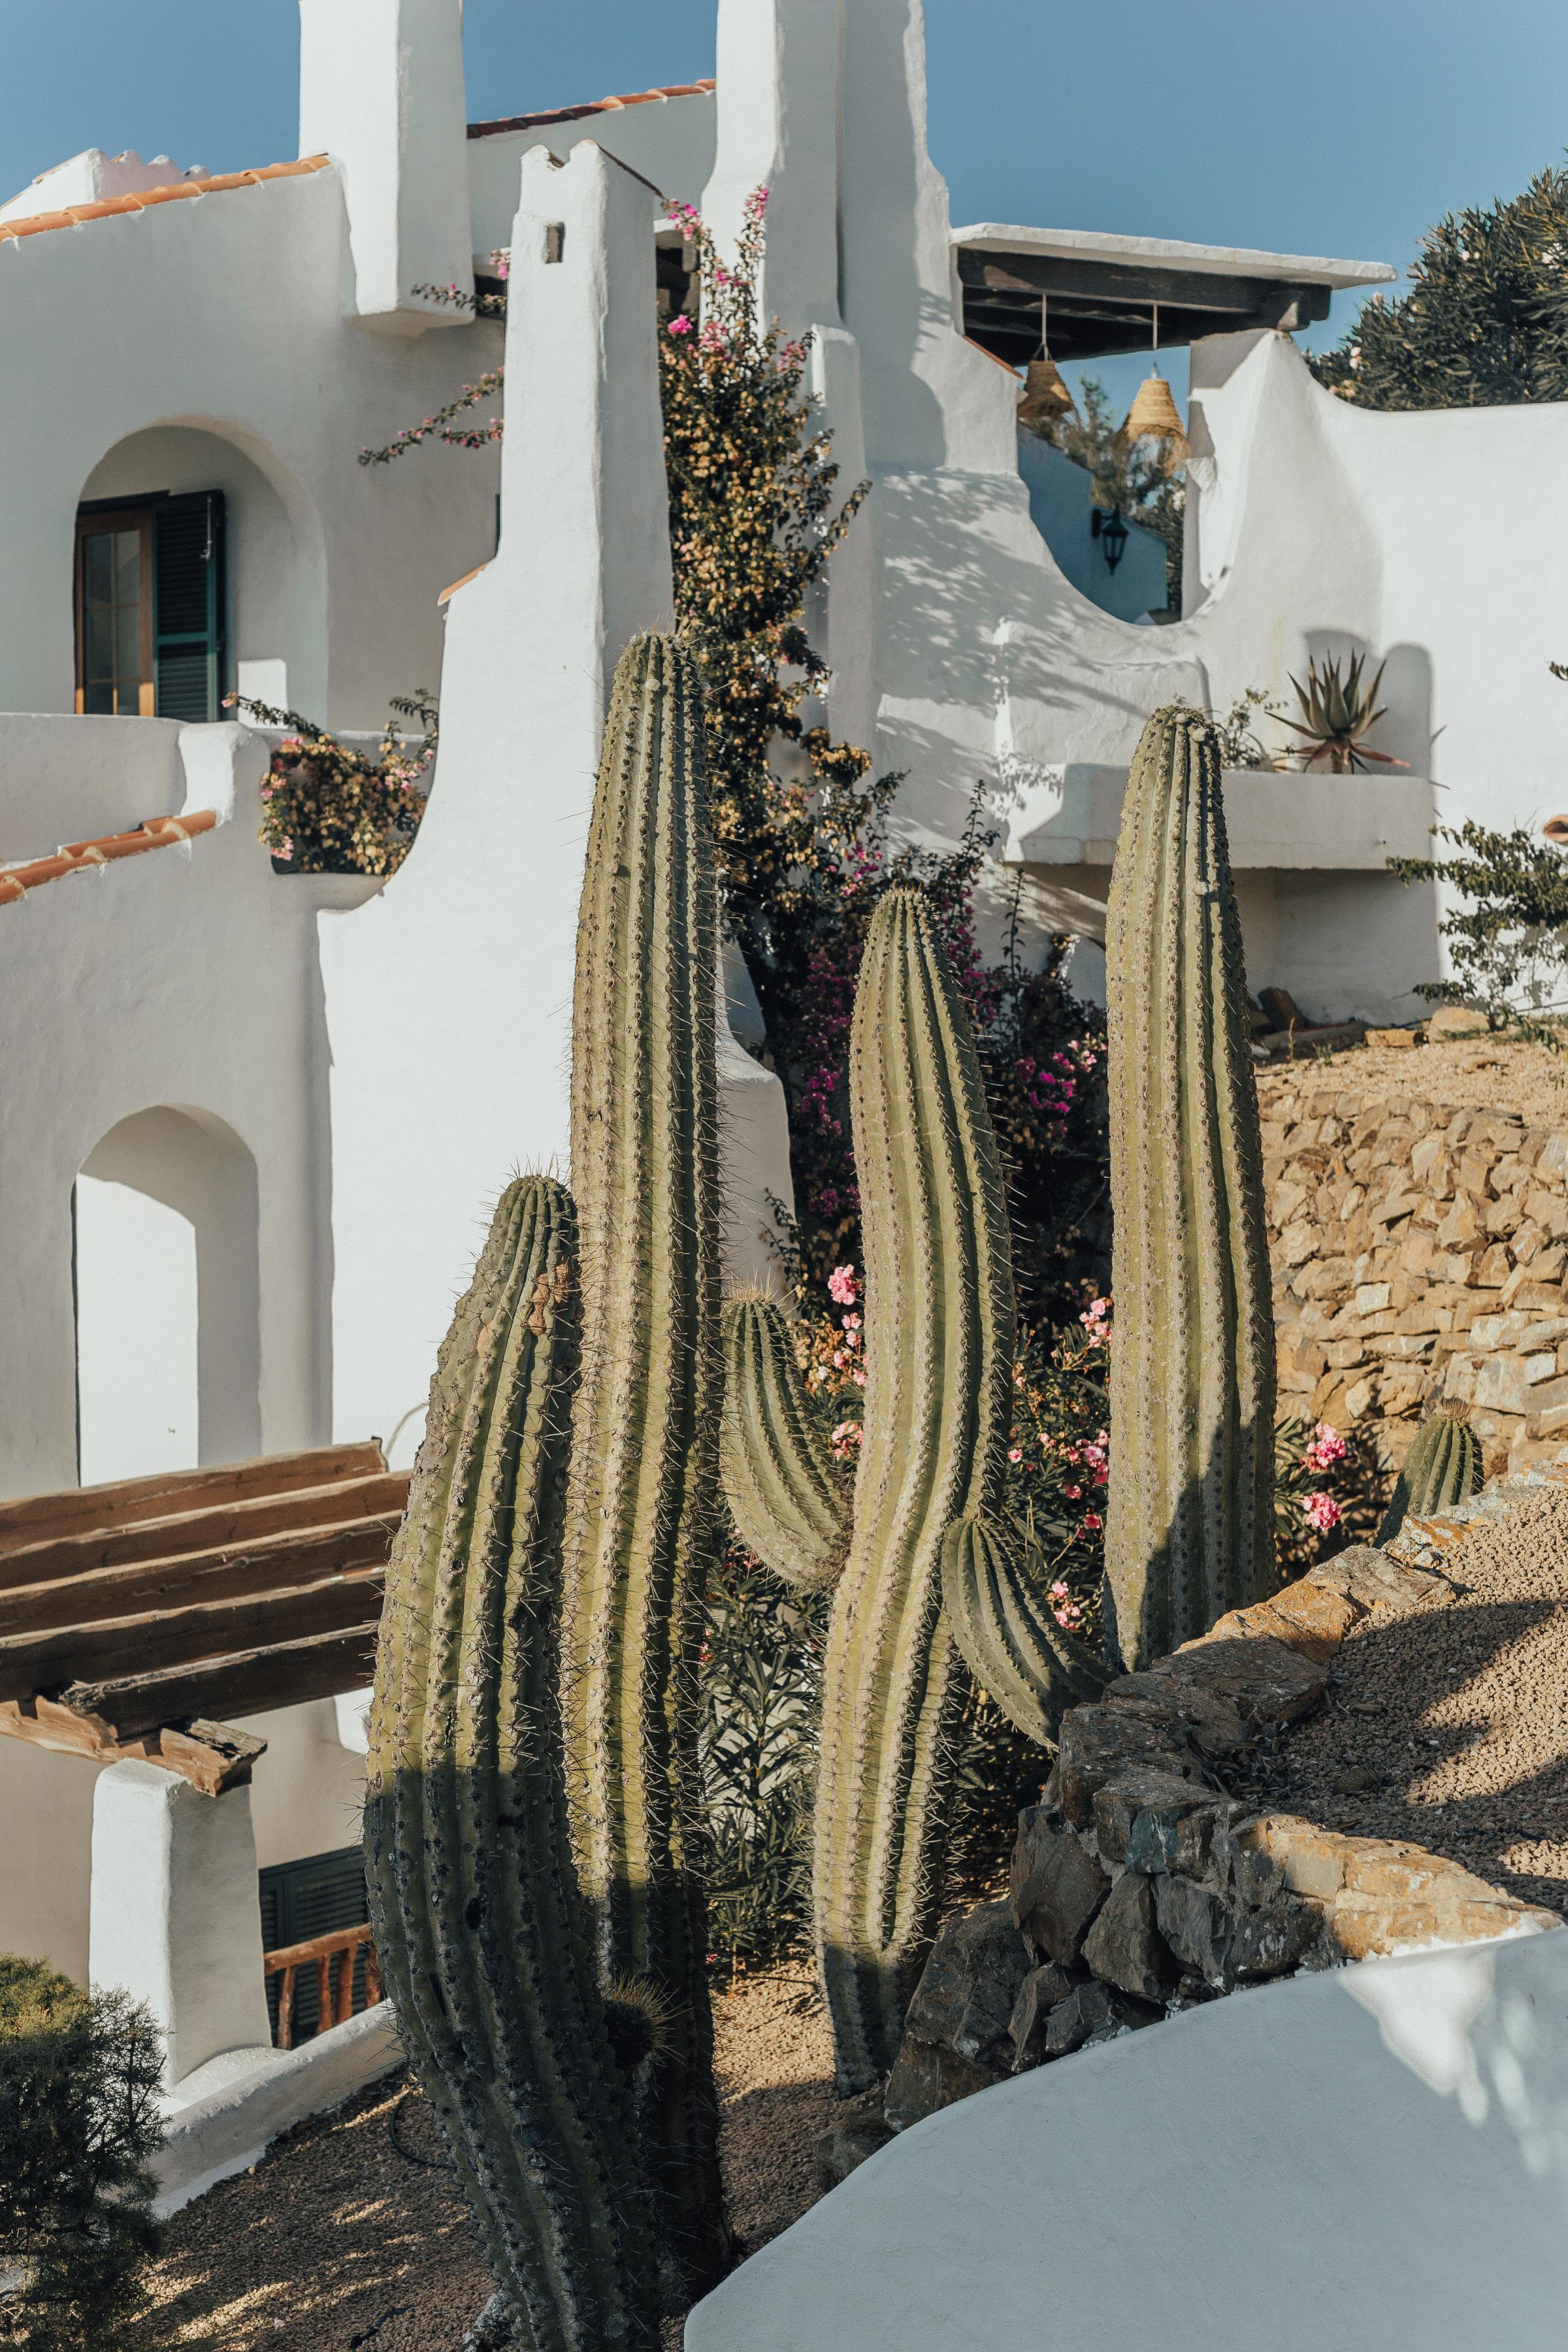 cactus-esfornells_menorca